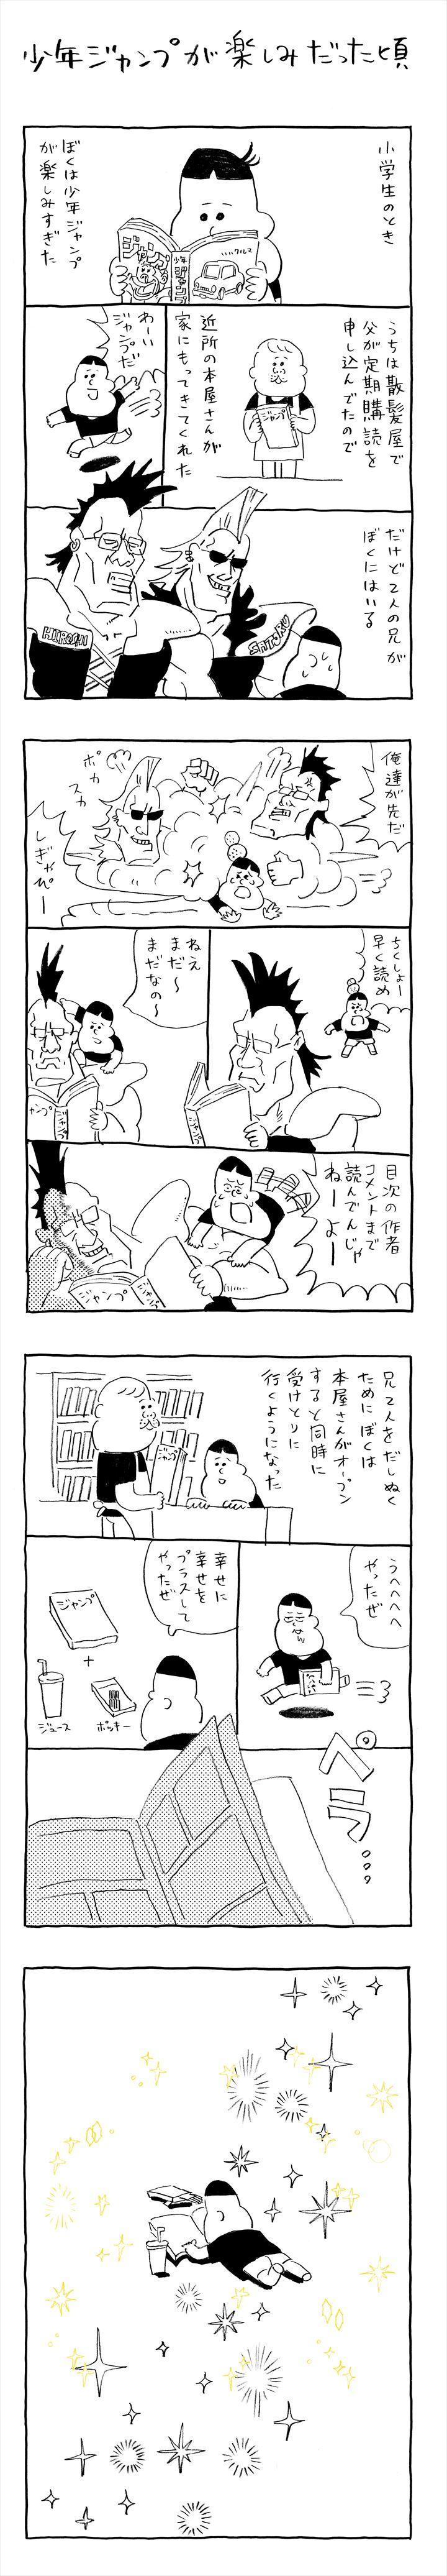 koyama15_R